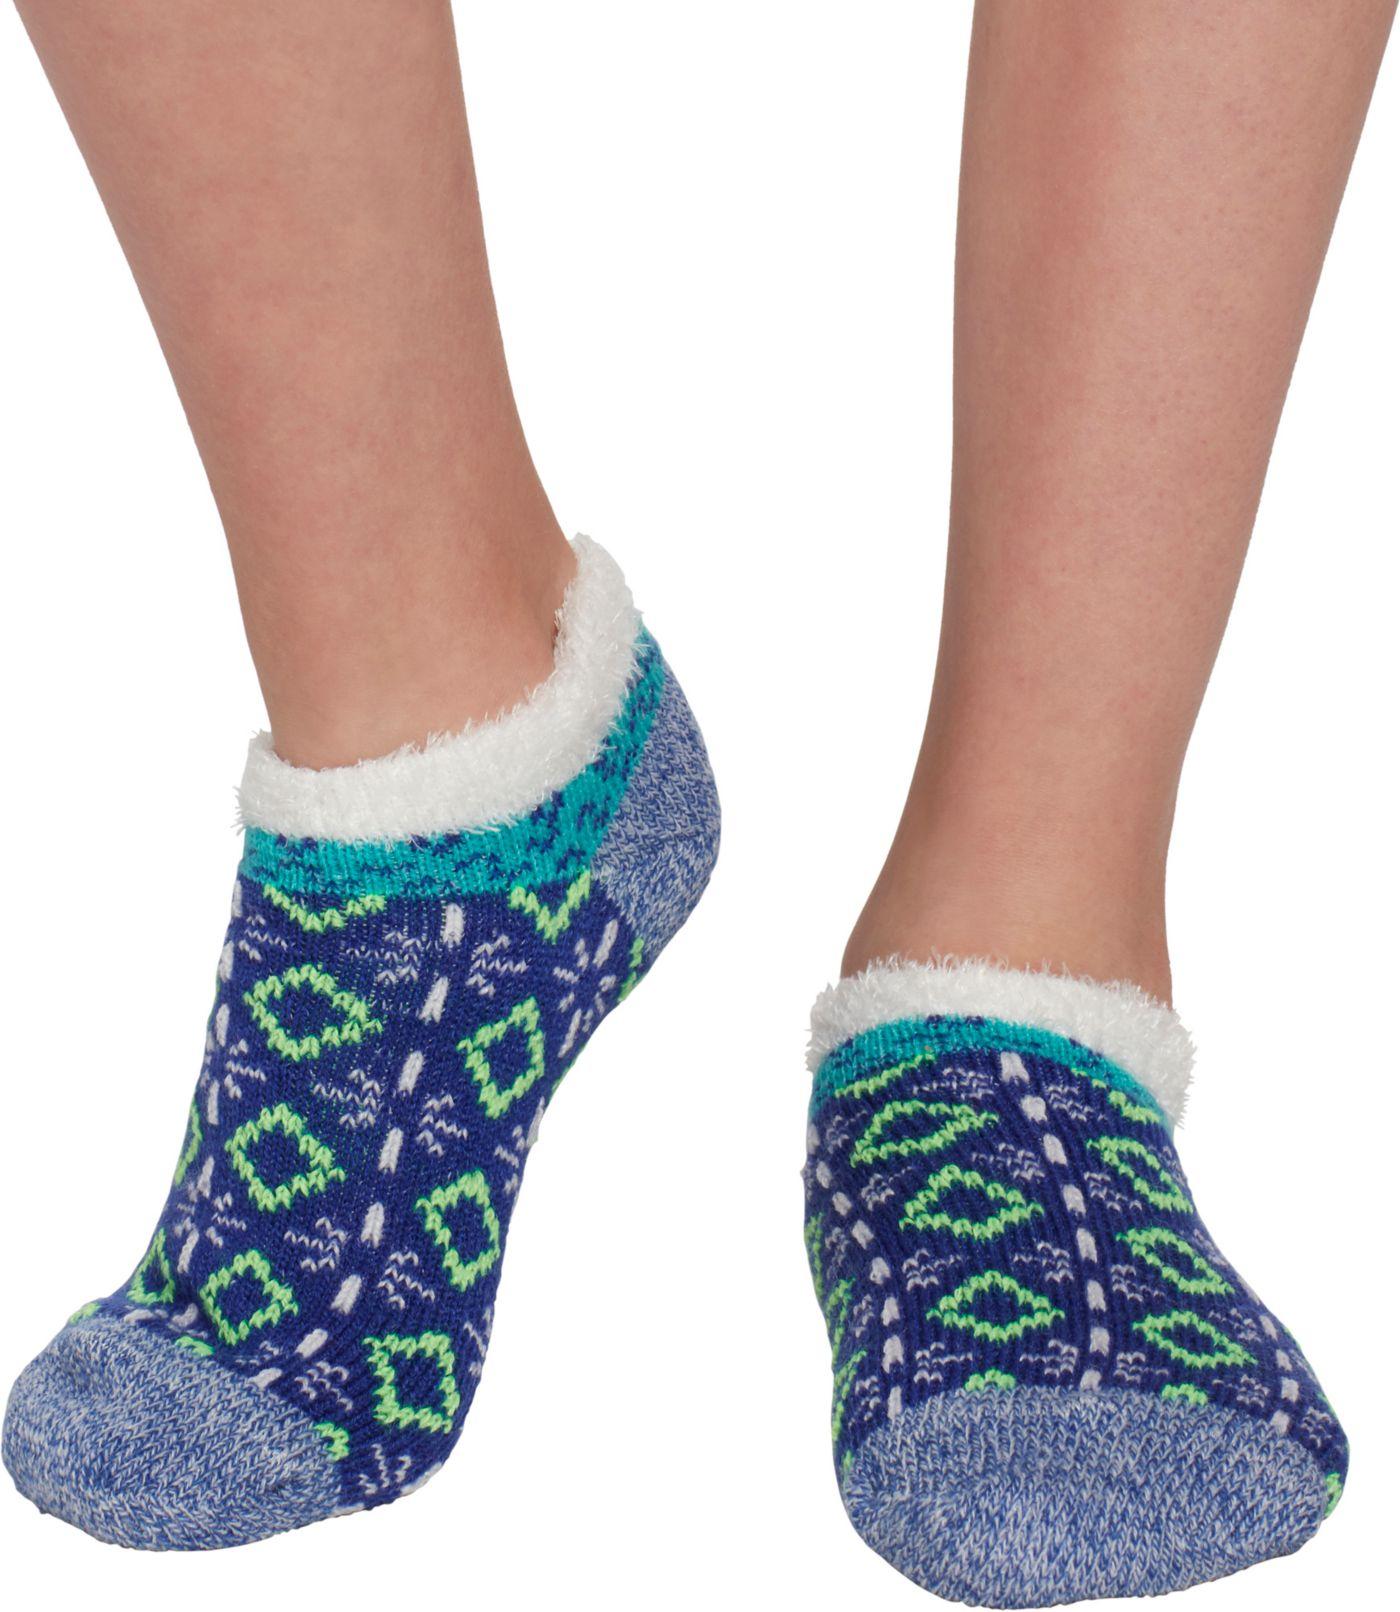 Field & Stream Girls' Cozy Cabin Tribal Block Ankle Socks